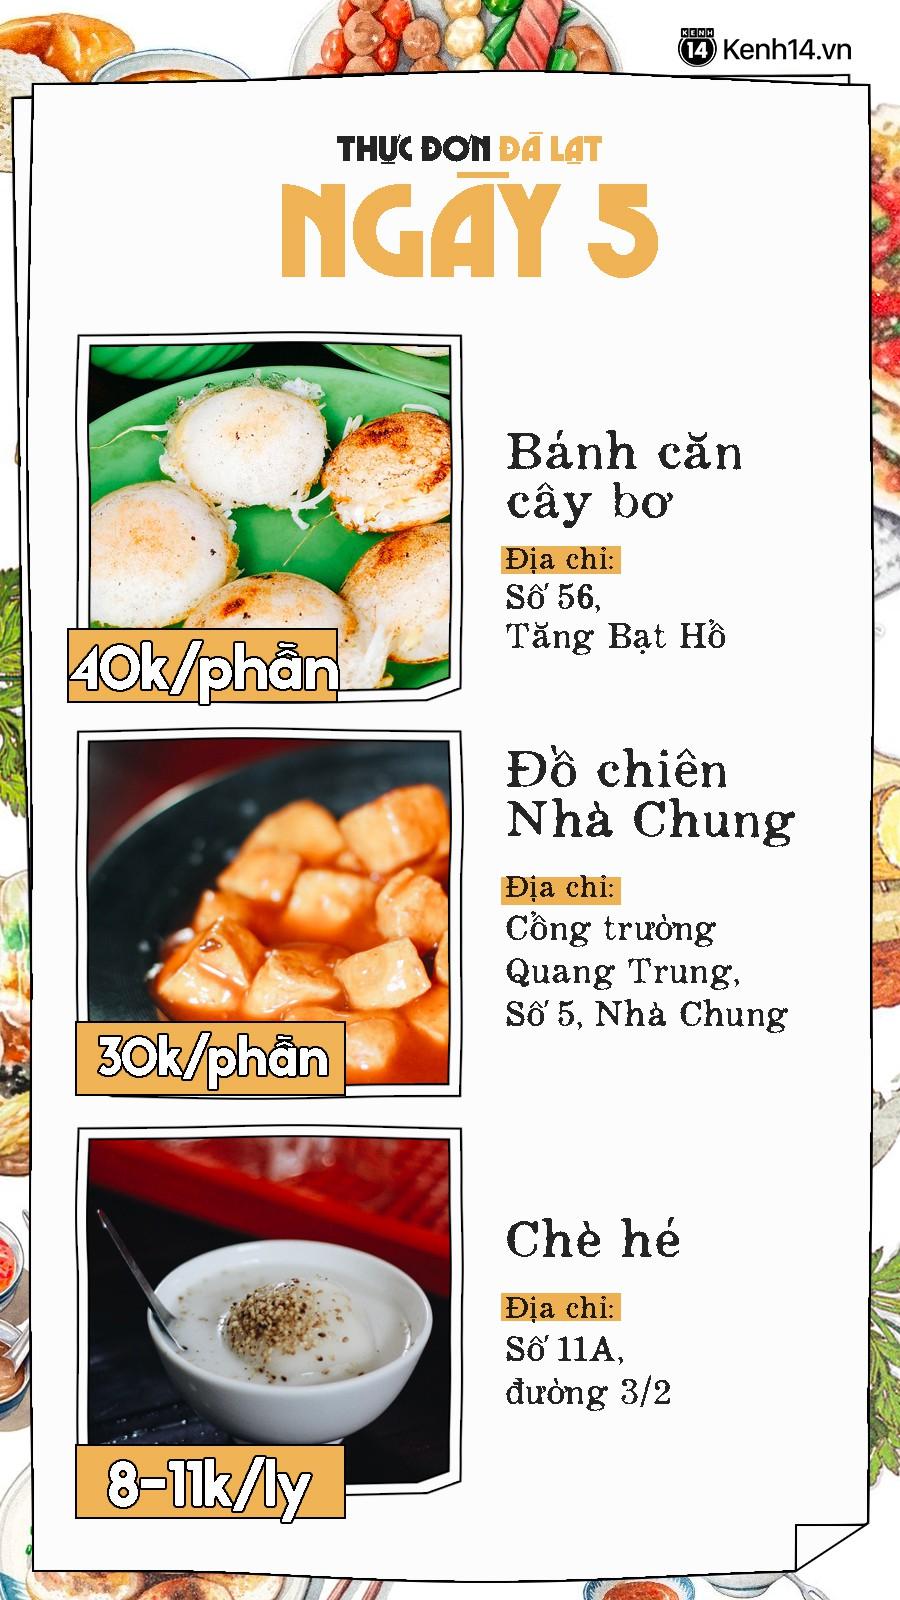 Đã có hẳn cẩm nang 7 ngày ăn ở Đà Lạt đây này, đi chơi chẳng lo phải nghĩ ngợi ăn gì ở đâu nữa - Ảnh 11.